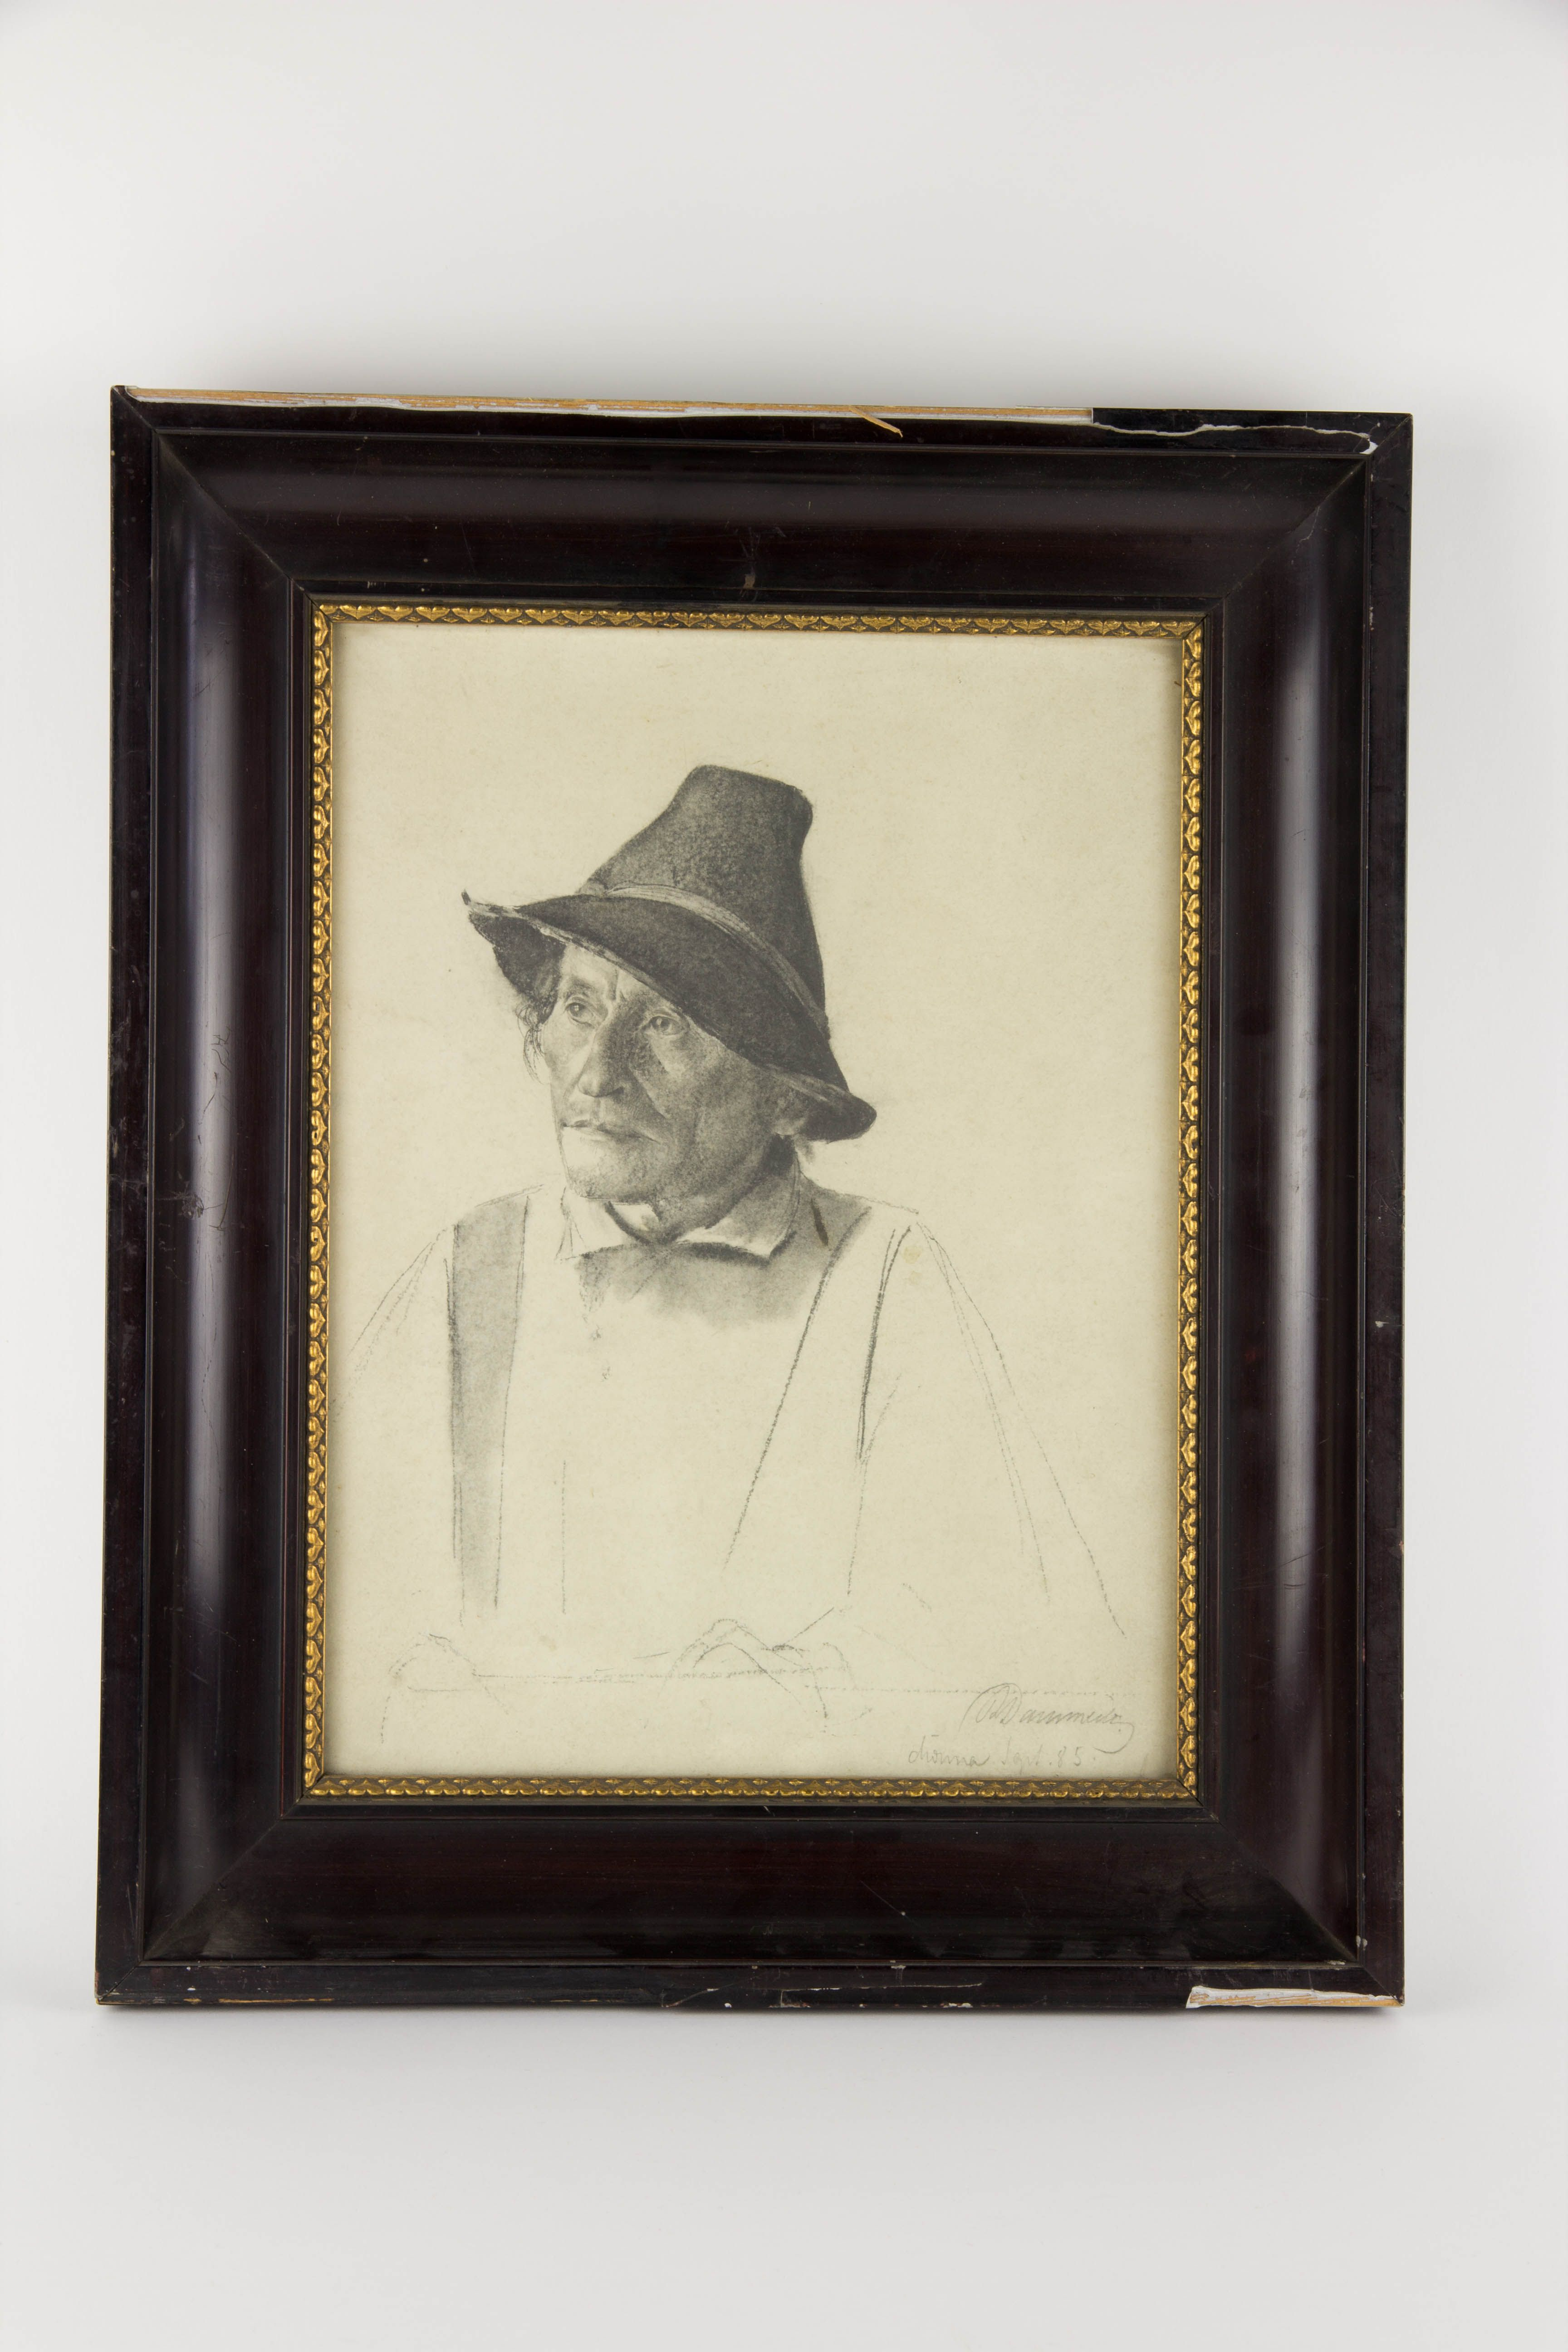 Portrait, süddeutsch, 1885, undeutlich signiert, Mischtechnik, Mann ...